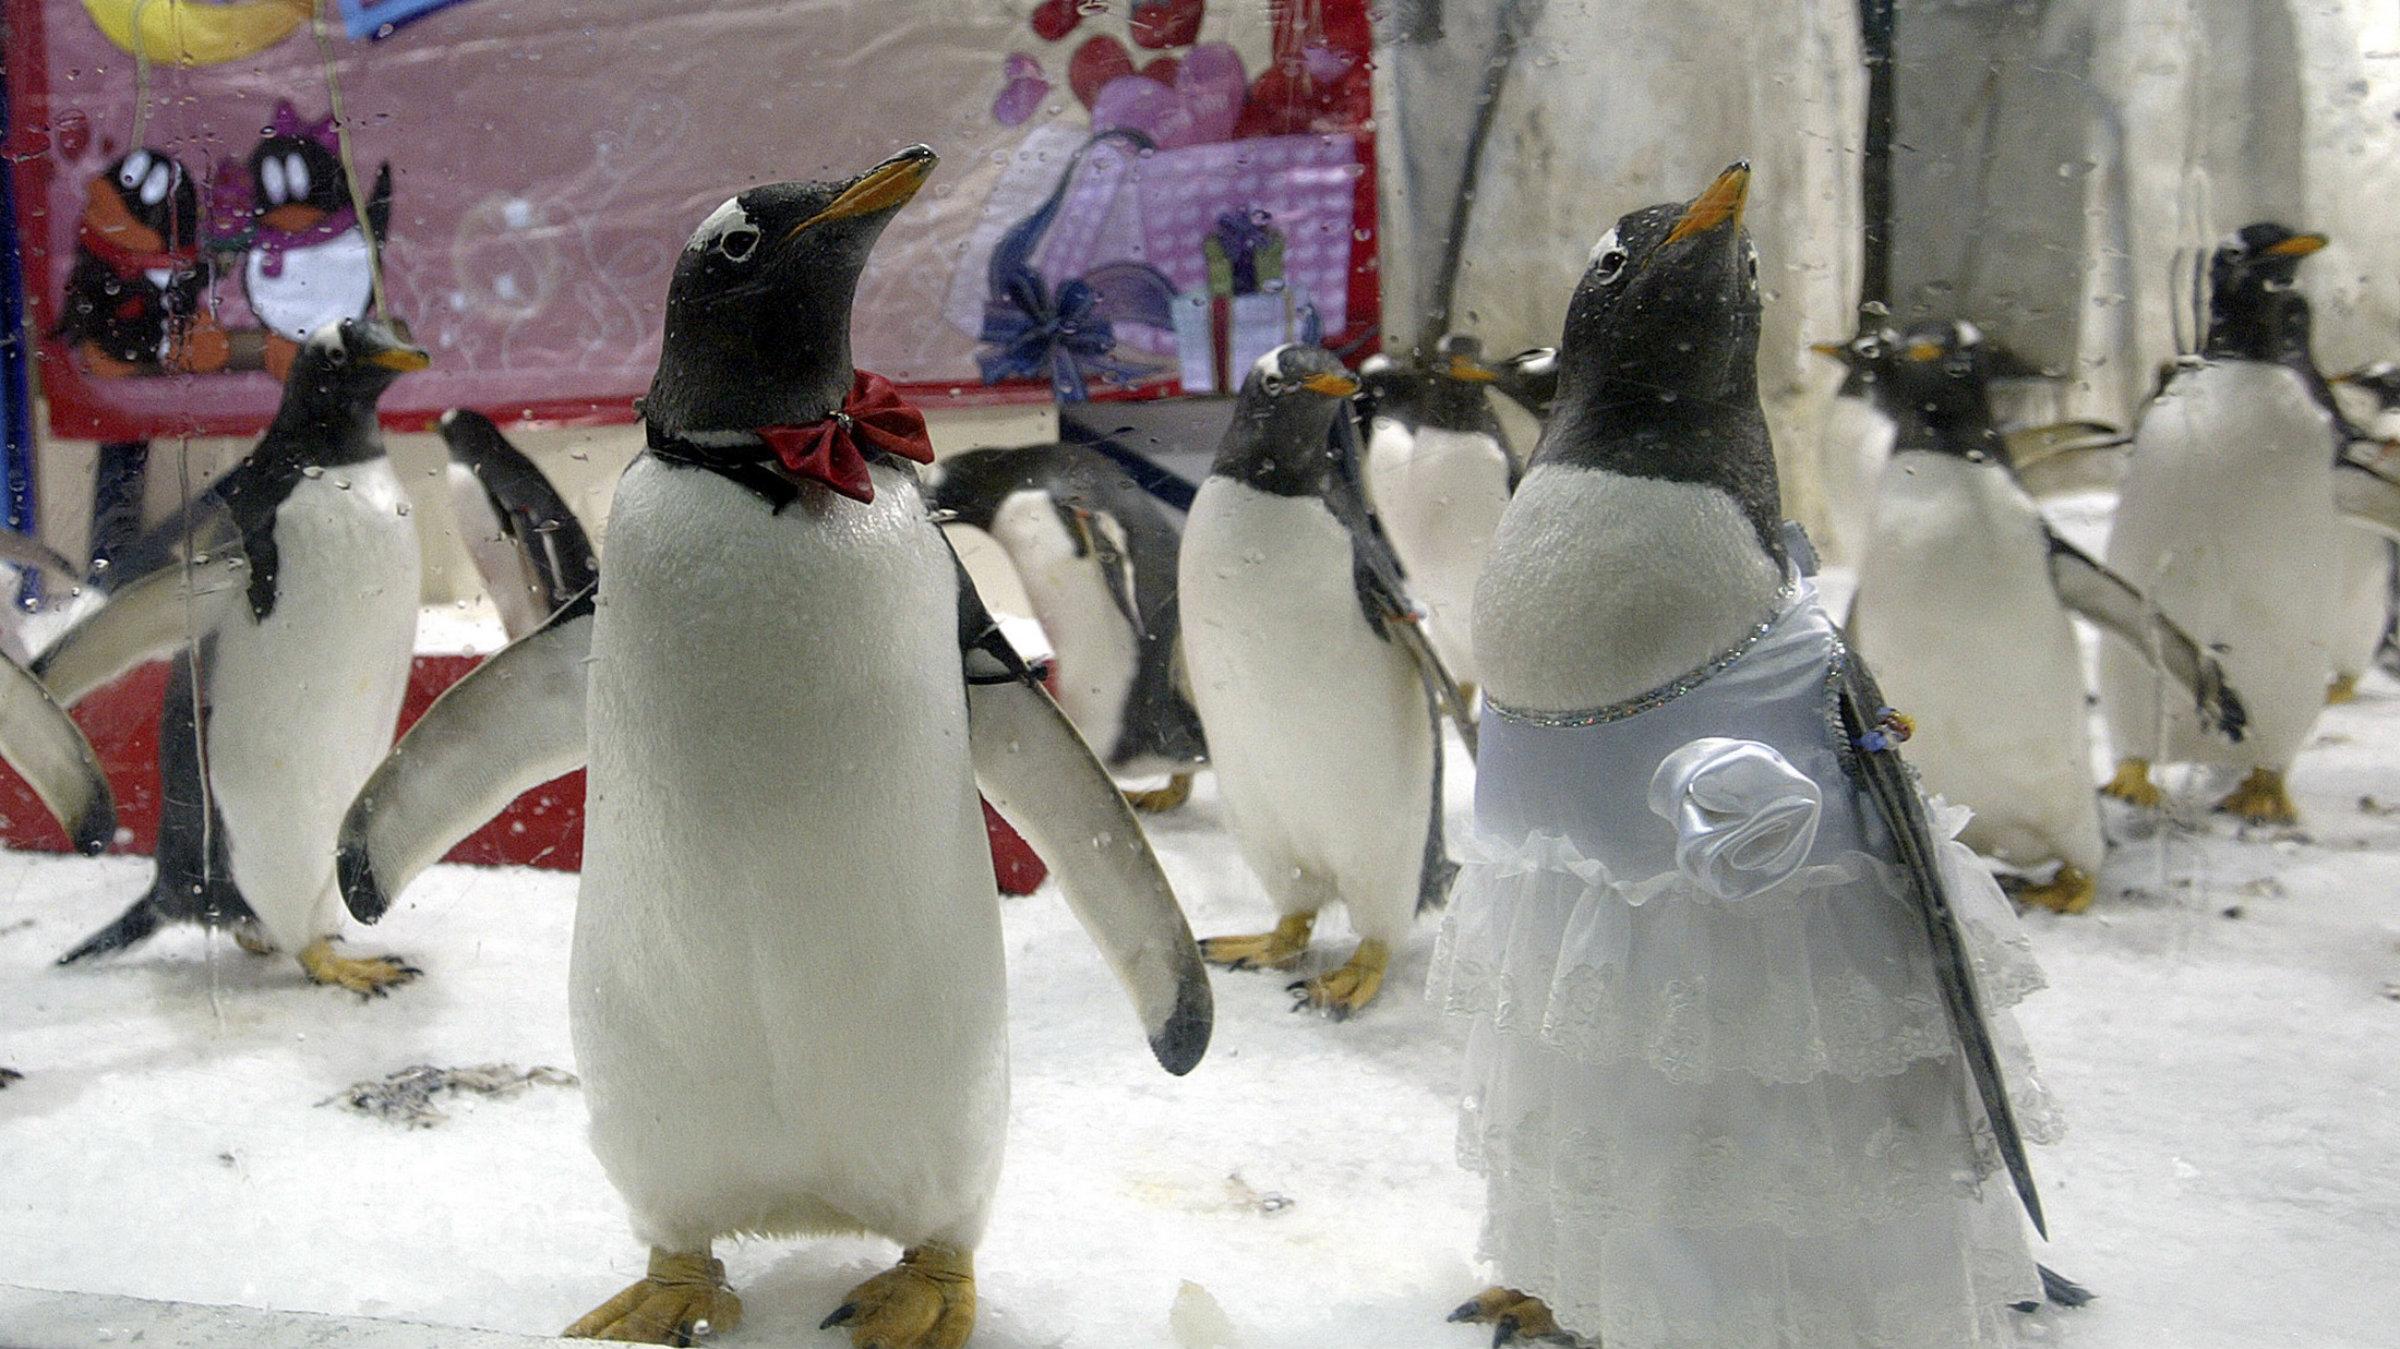 penguinbridegroom